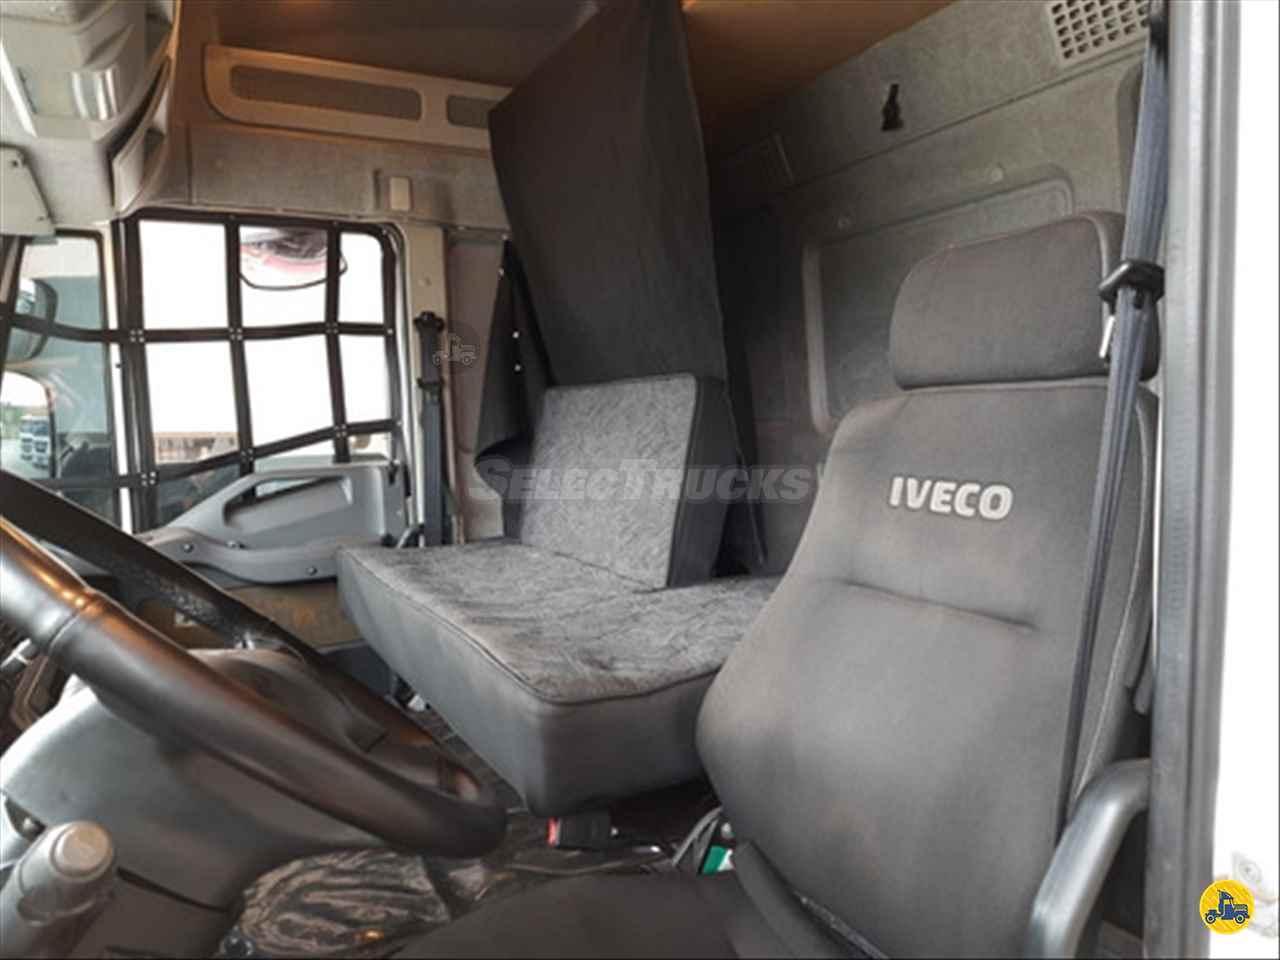 IVECO STRALIS 480 550000km 2013/2013 SelecTrucks - Mauá SP - Matriz